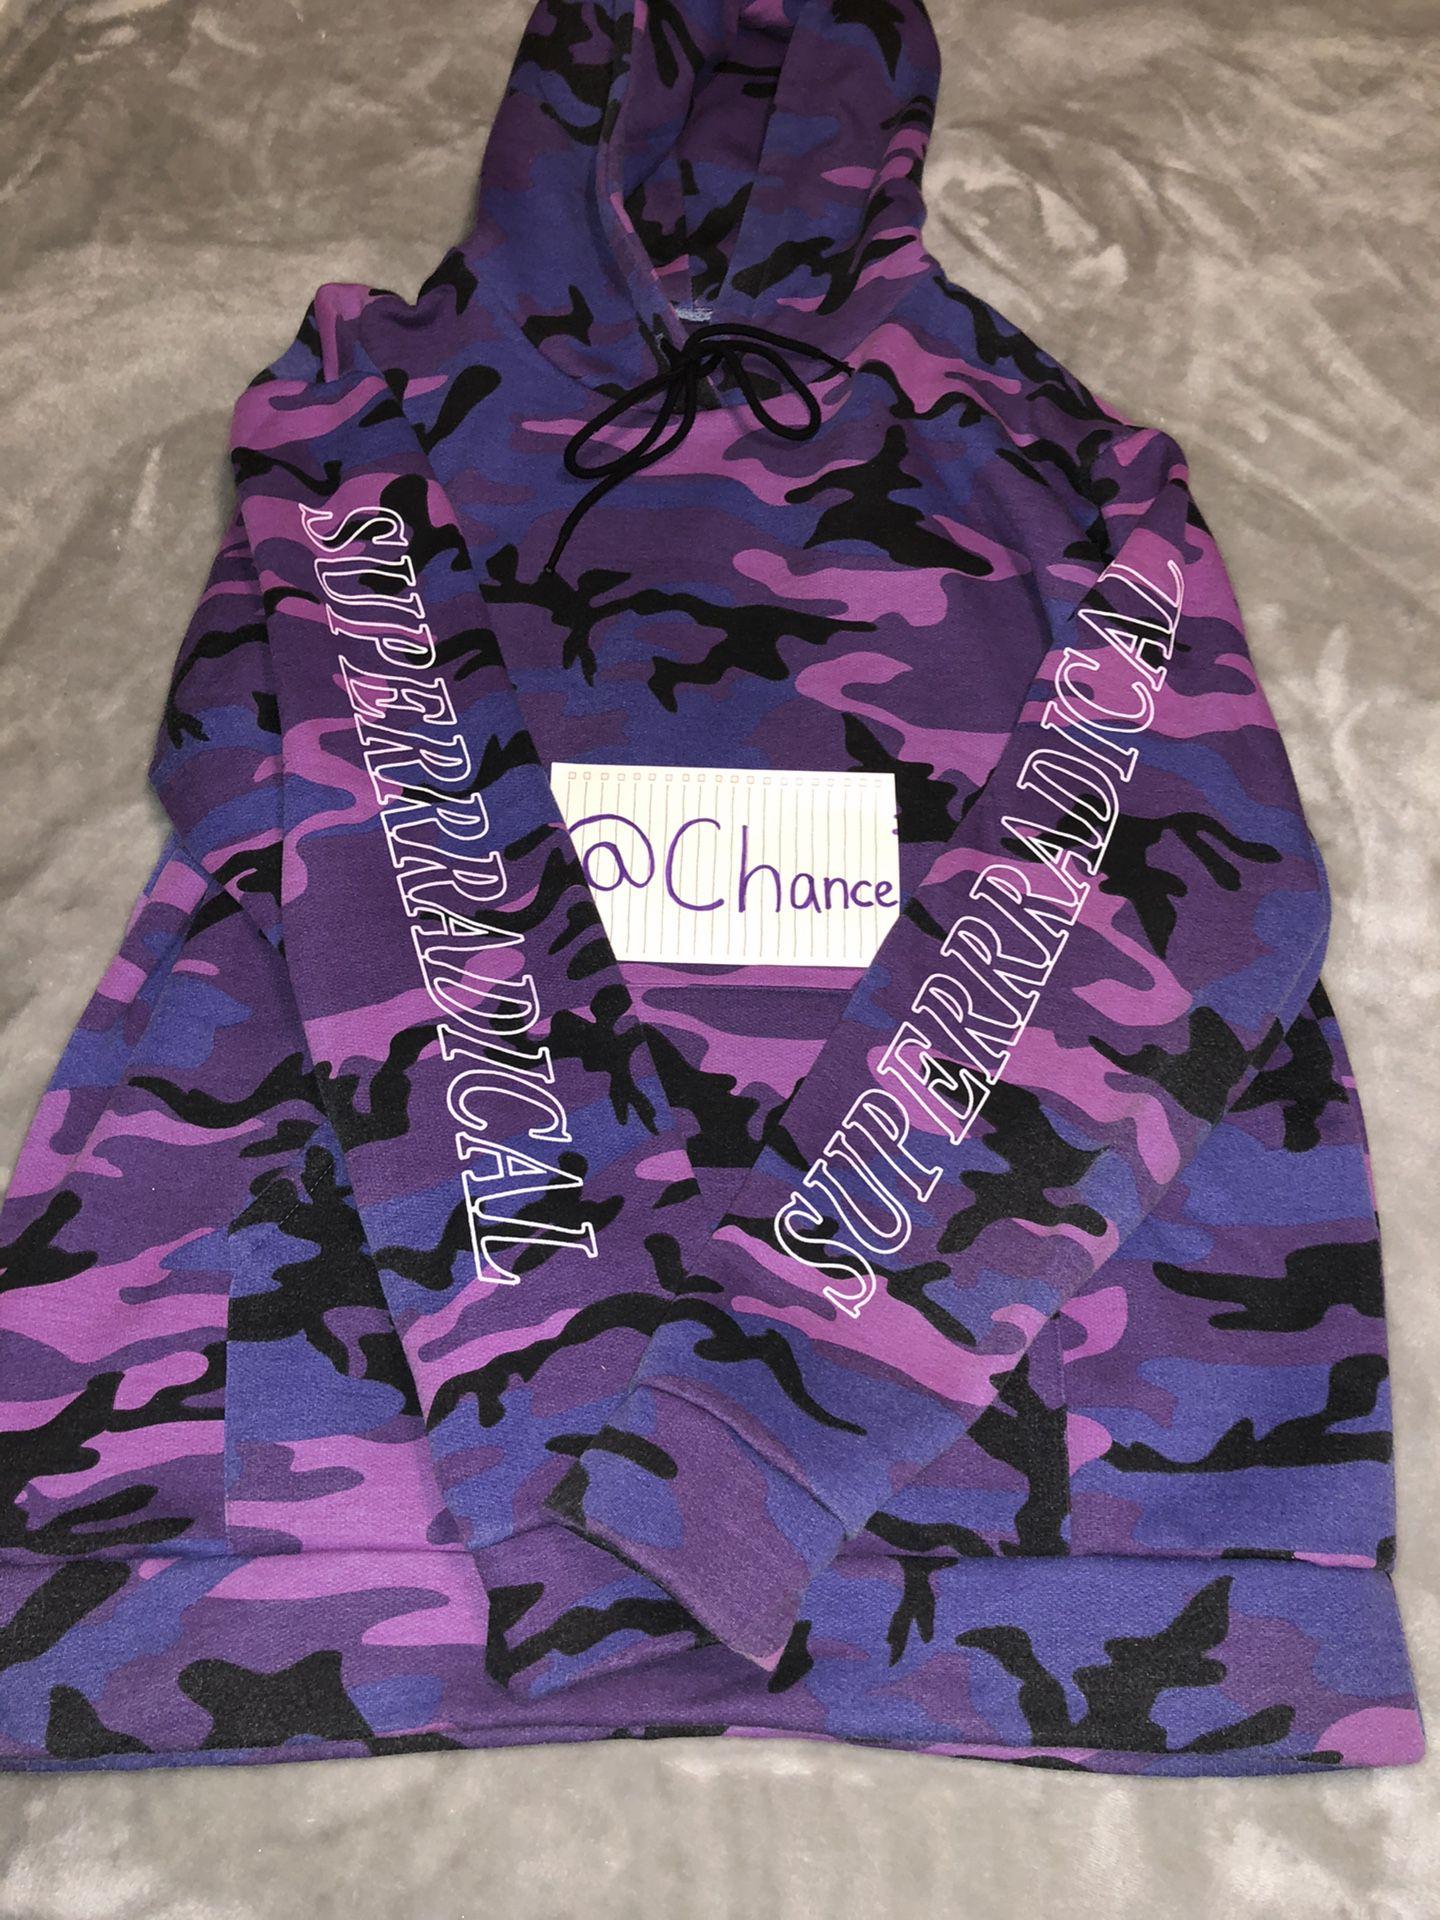 Superrradical hoodie